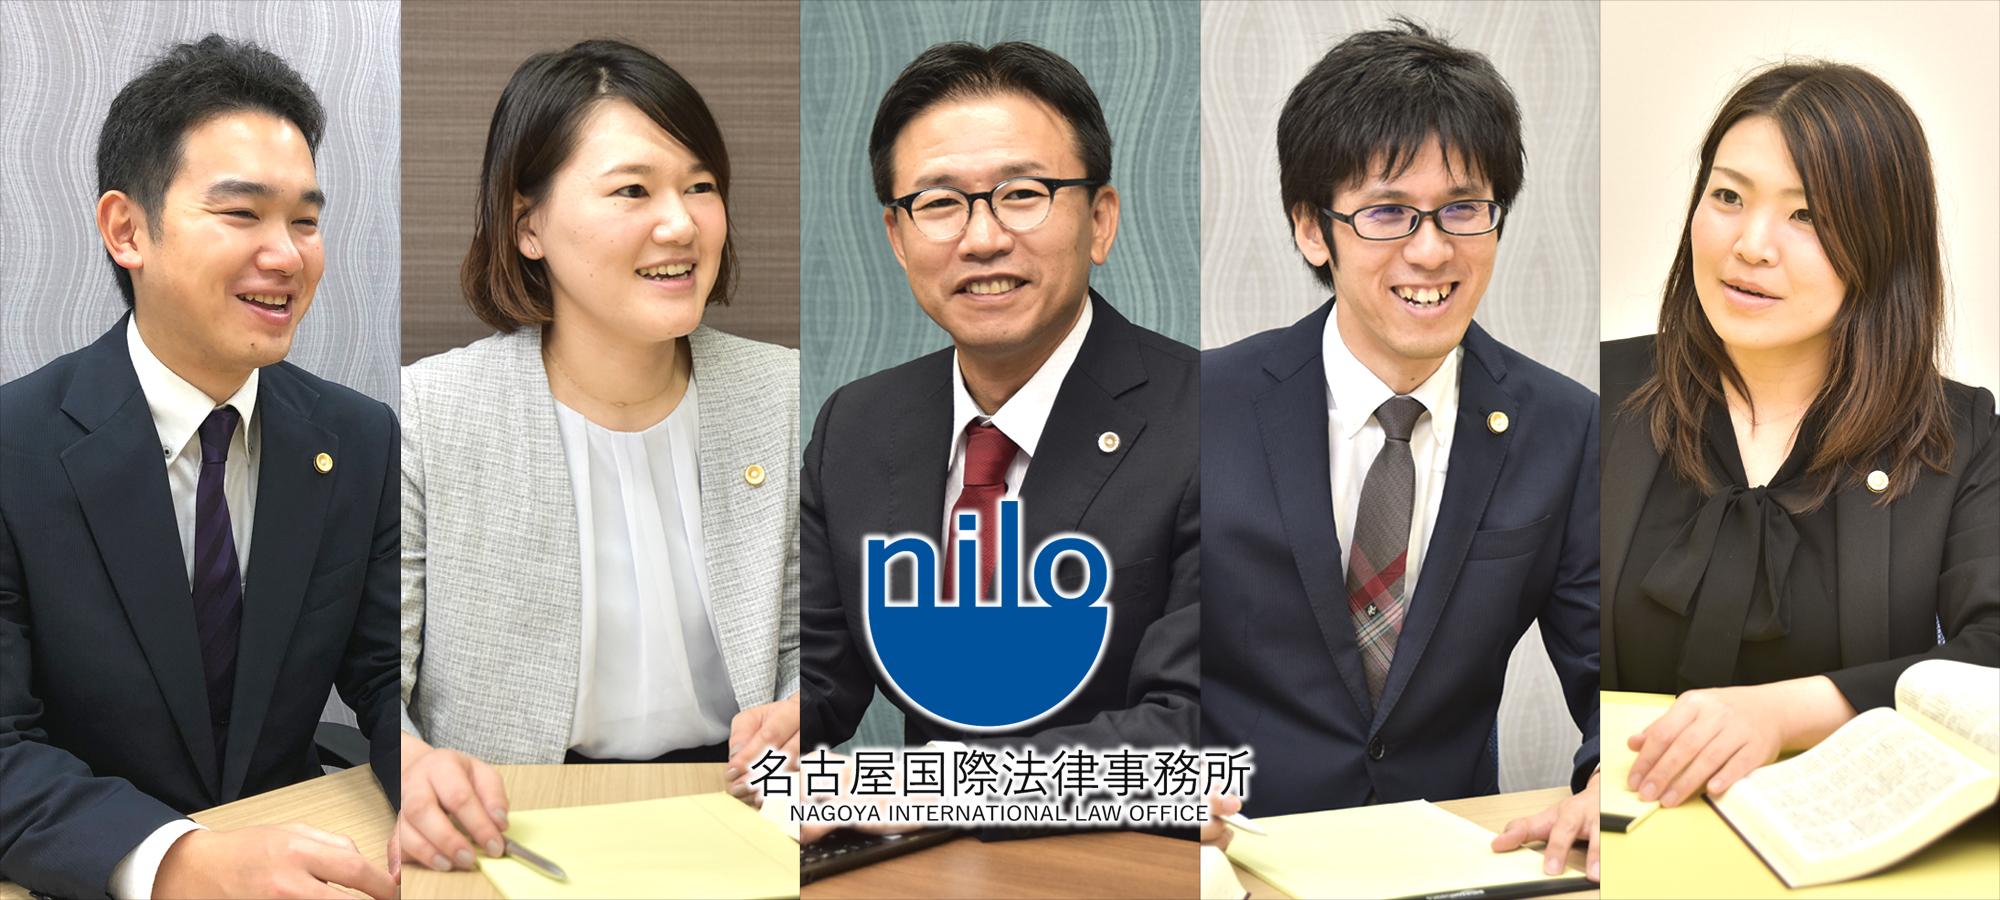 名古屋国際法律事務所